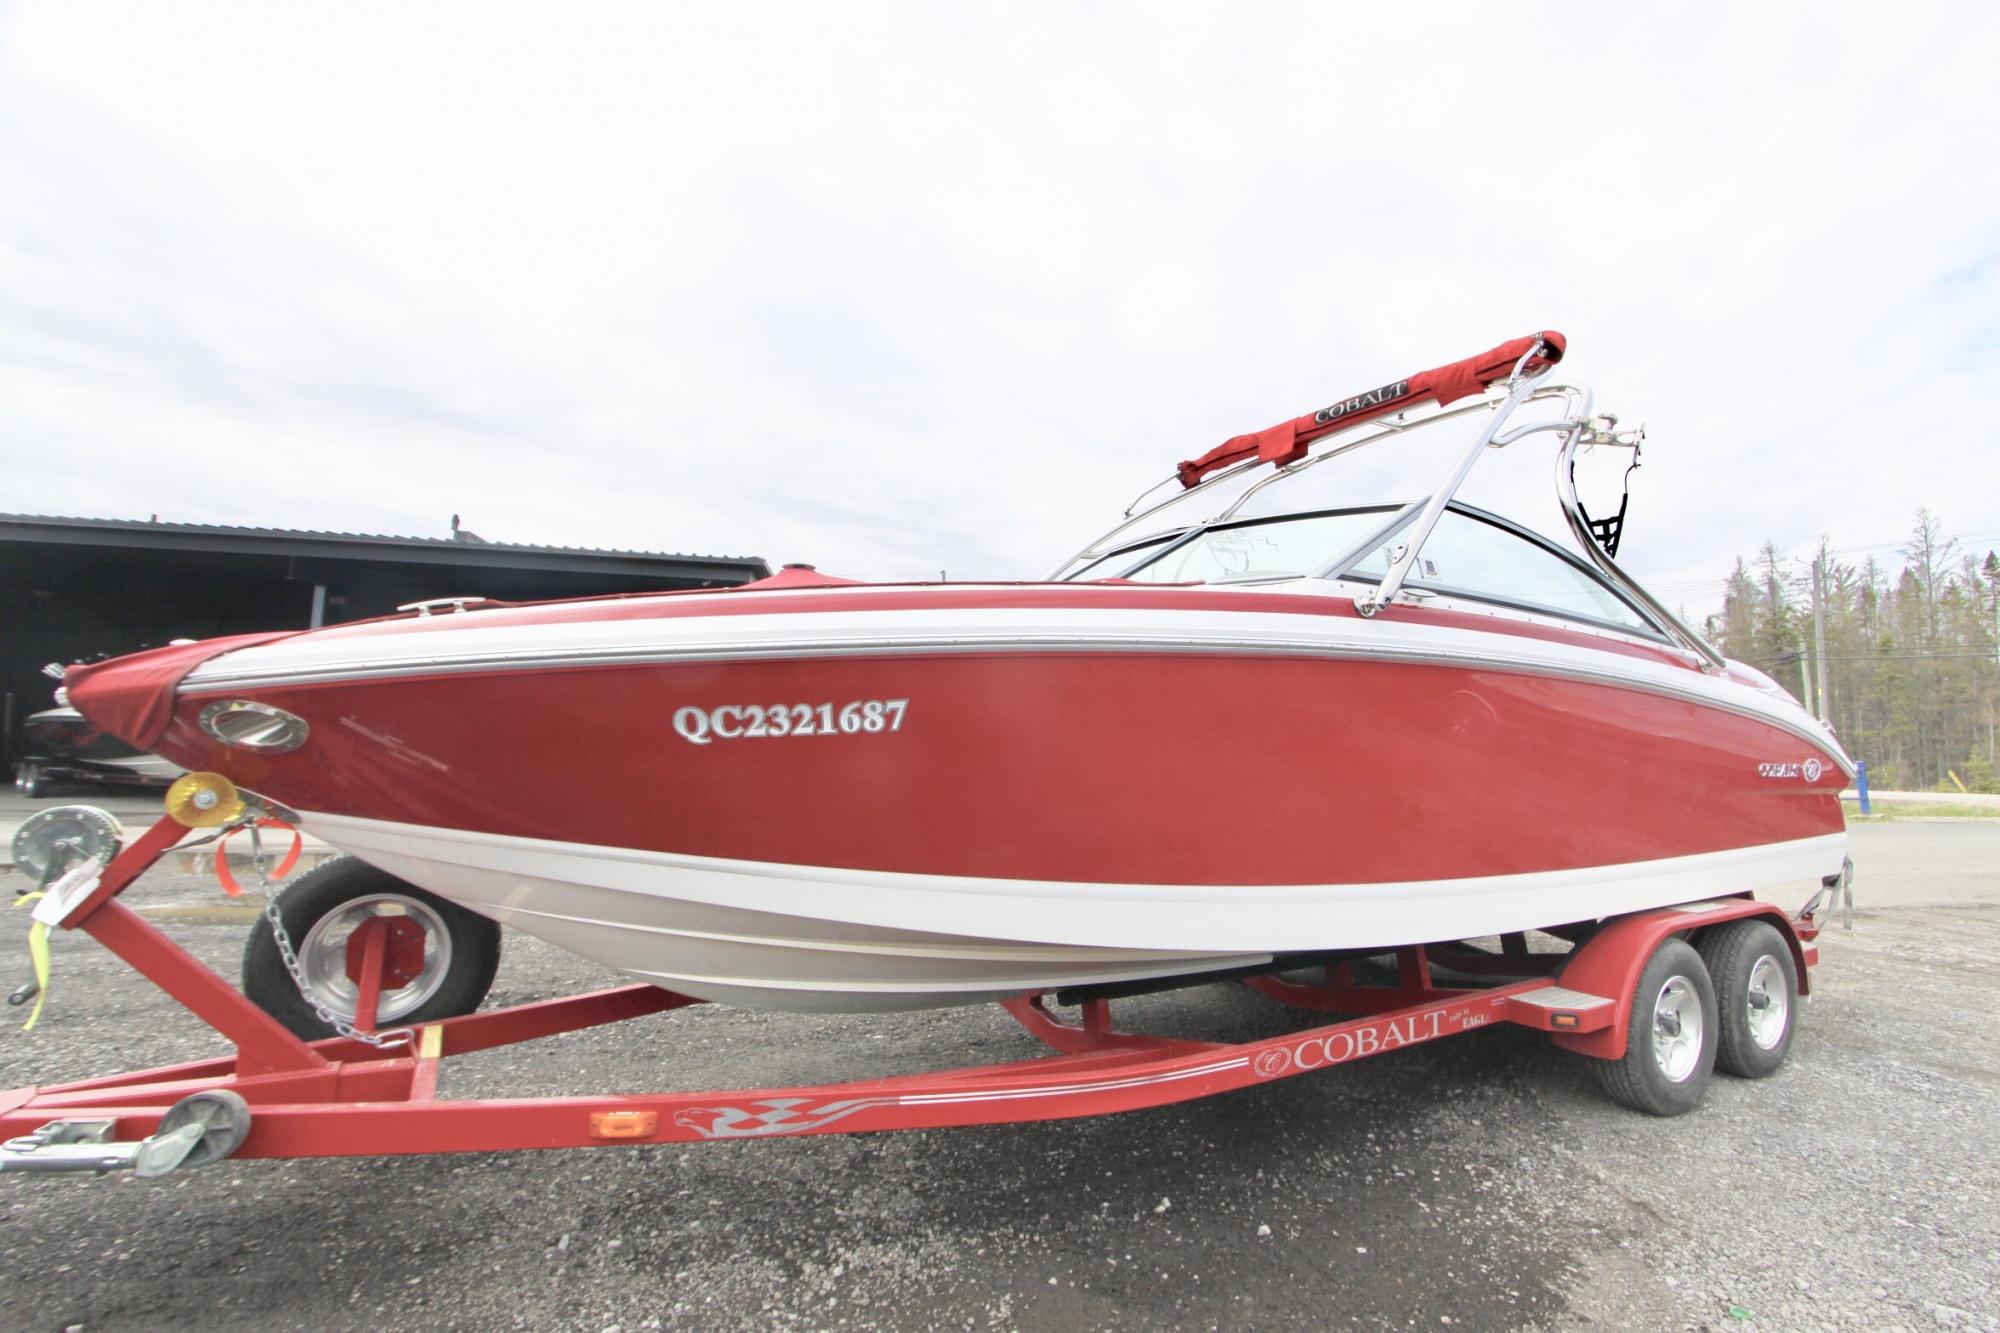 Cobalt Boats 222 - FD21D657-BB9A-40D1-91A3-BCE4645CE354.jpeg